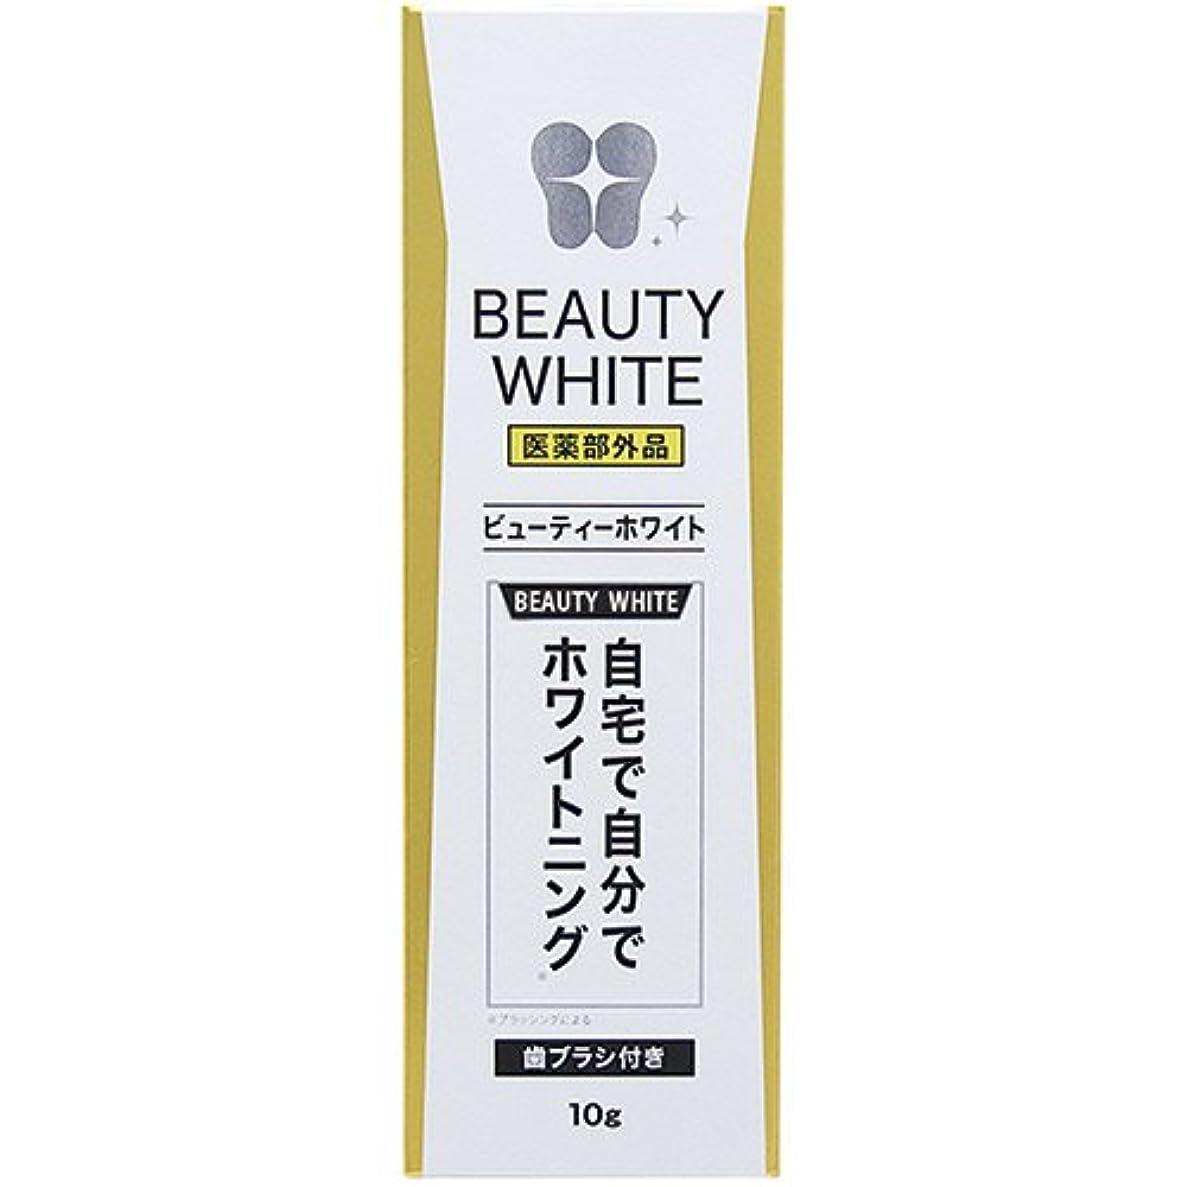 褒賞ブルコモランマ薬用ビューティーホワイト 10g